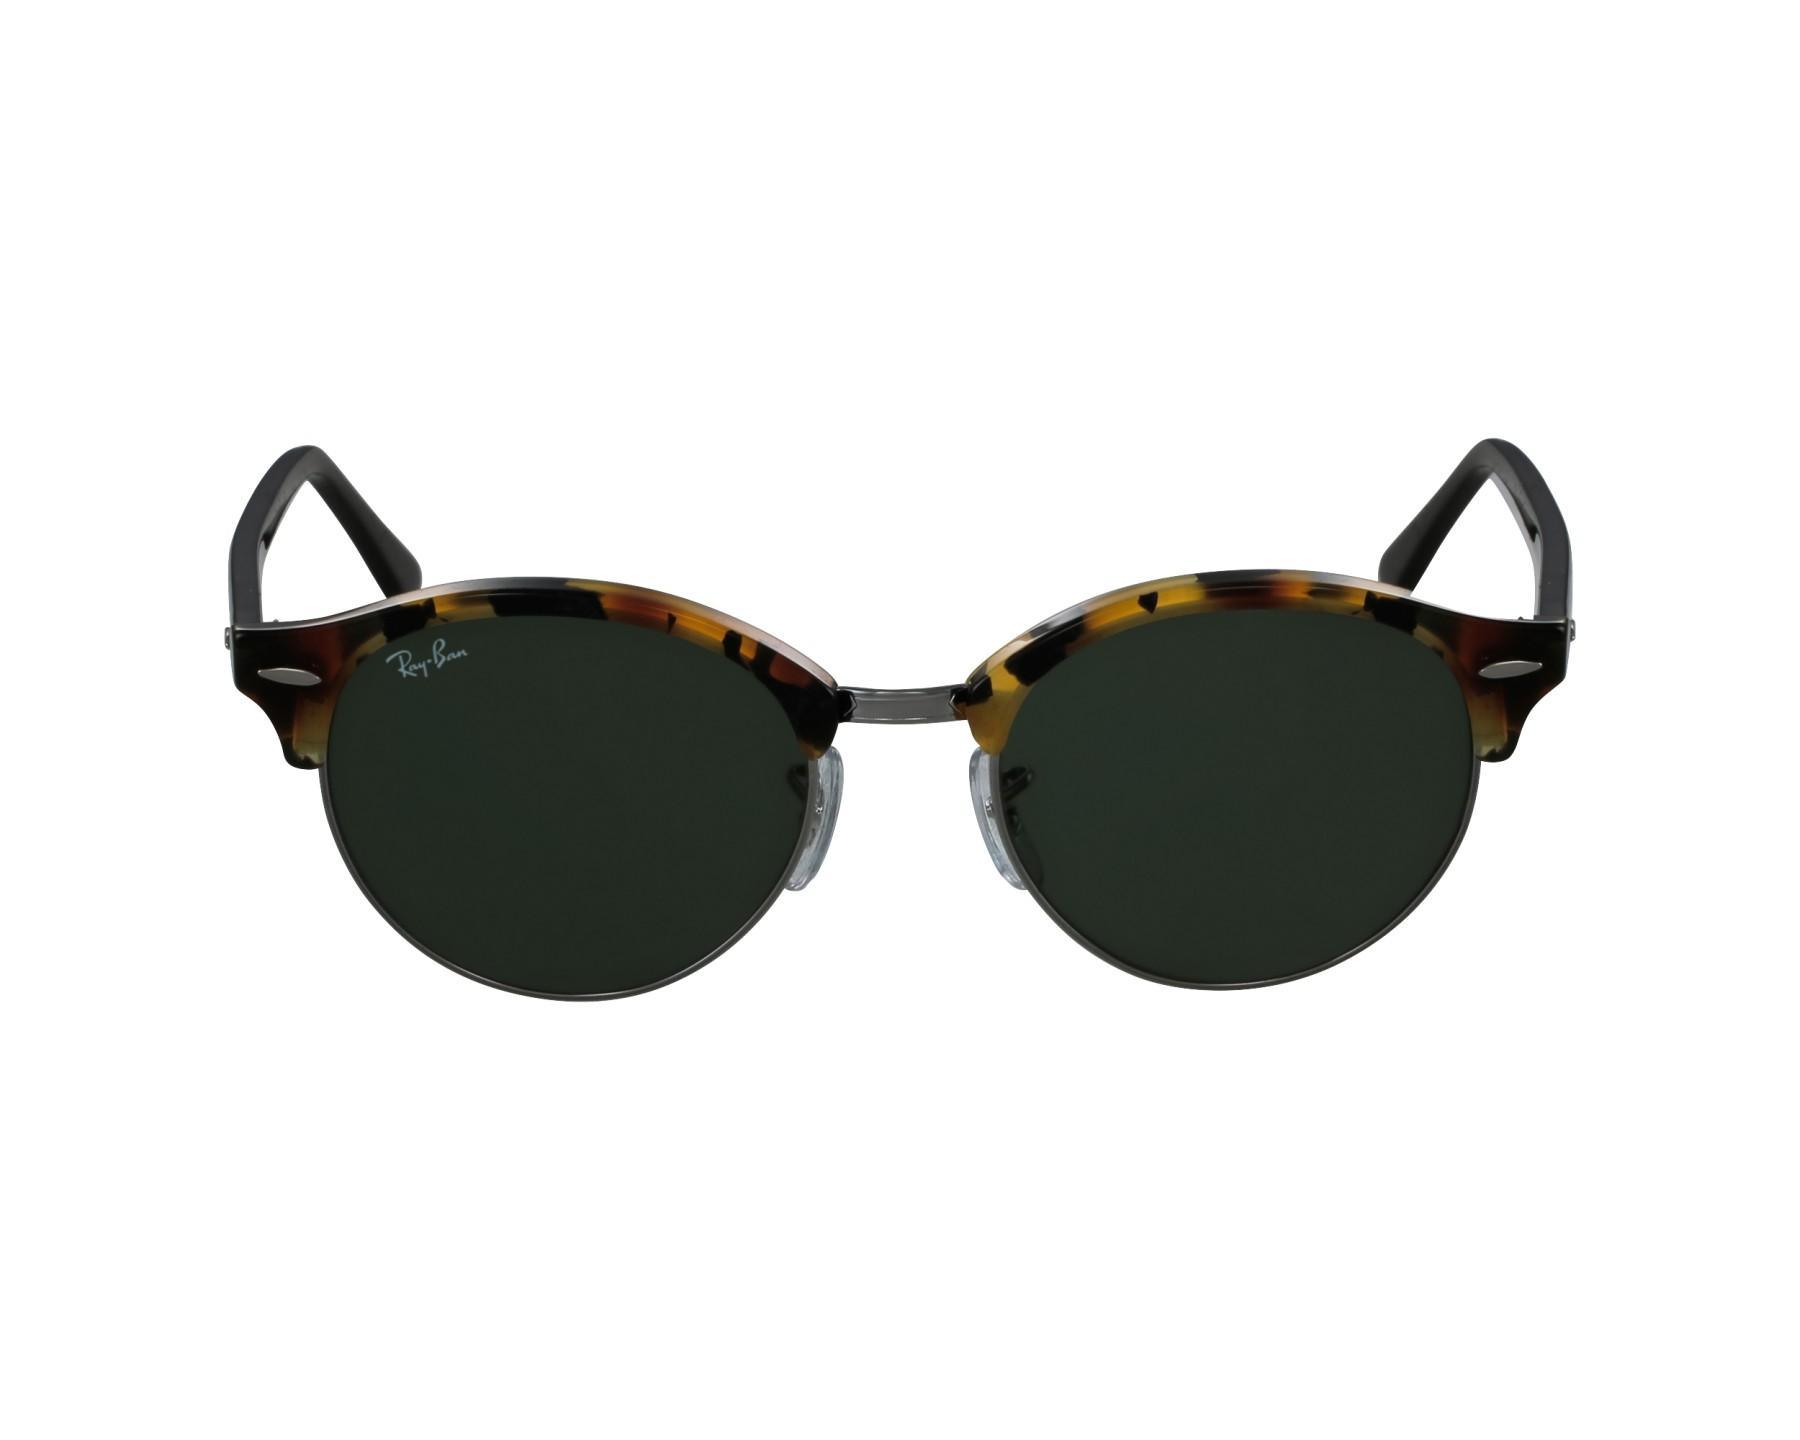 buy ray ban sunglasses rb 4246 1157 online visionet uk. Black Bedroom Furniture Sets. Home Design Ideas